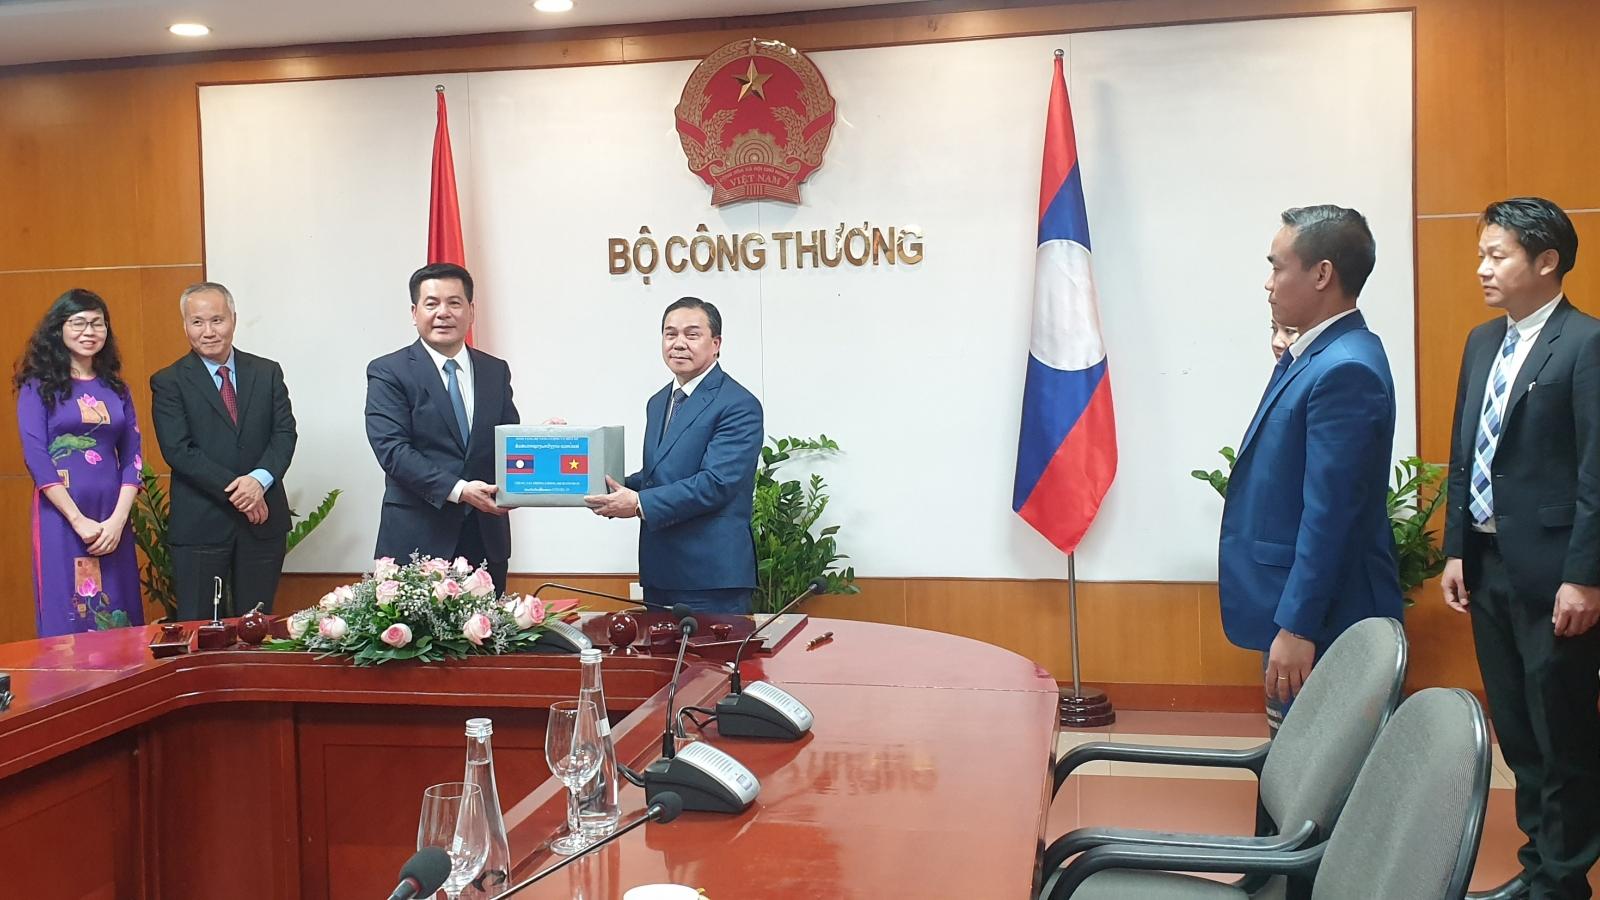 Bộ Công Thương tặng Lào 50.000 khẩu trang phòng, chống dịch COVID-19